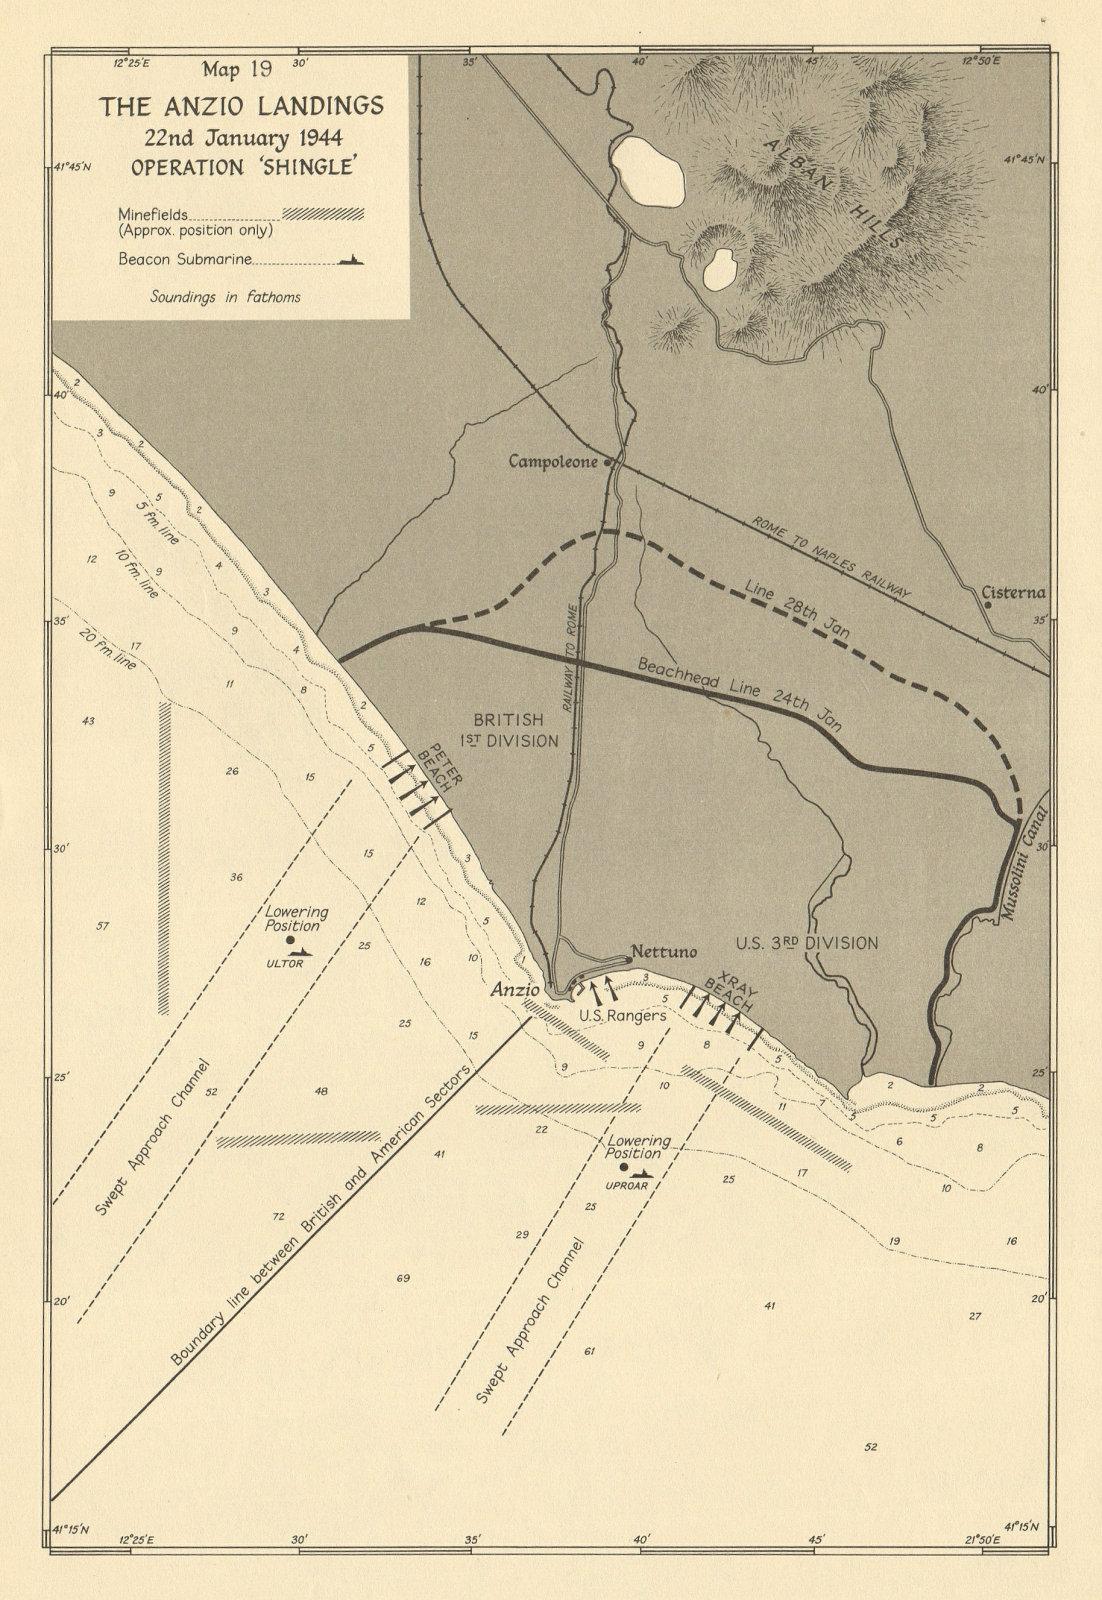 Associate Product Anzio Landings. Operation Shingle, 22nd January 1944. World War 2 1954 old map